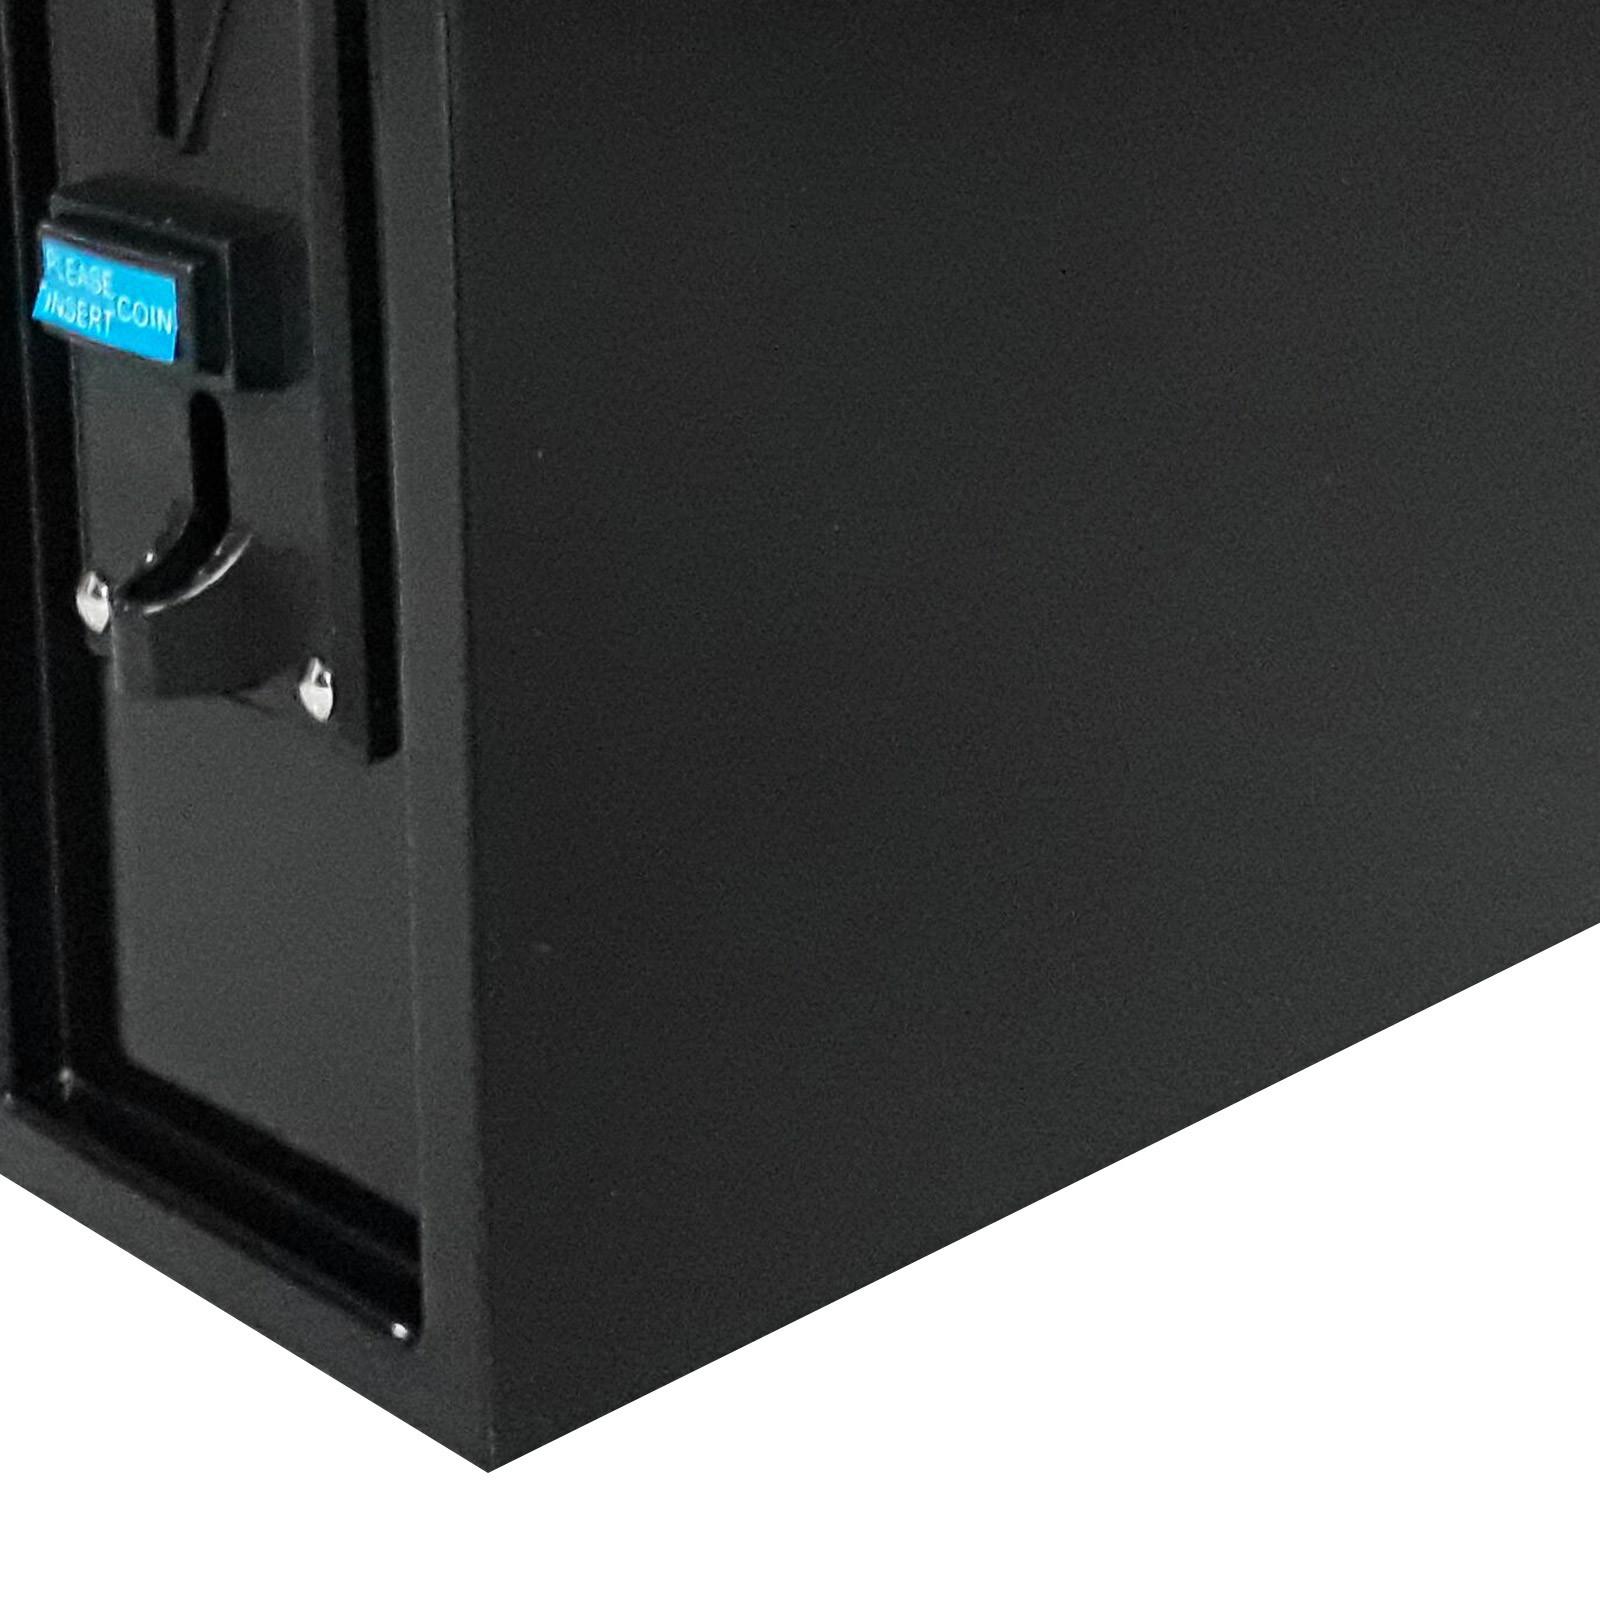 Monnaie-Distributeur-Munzkassierer-Zeiteinstellung-Munzprufer-Munzautomat miniature 9